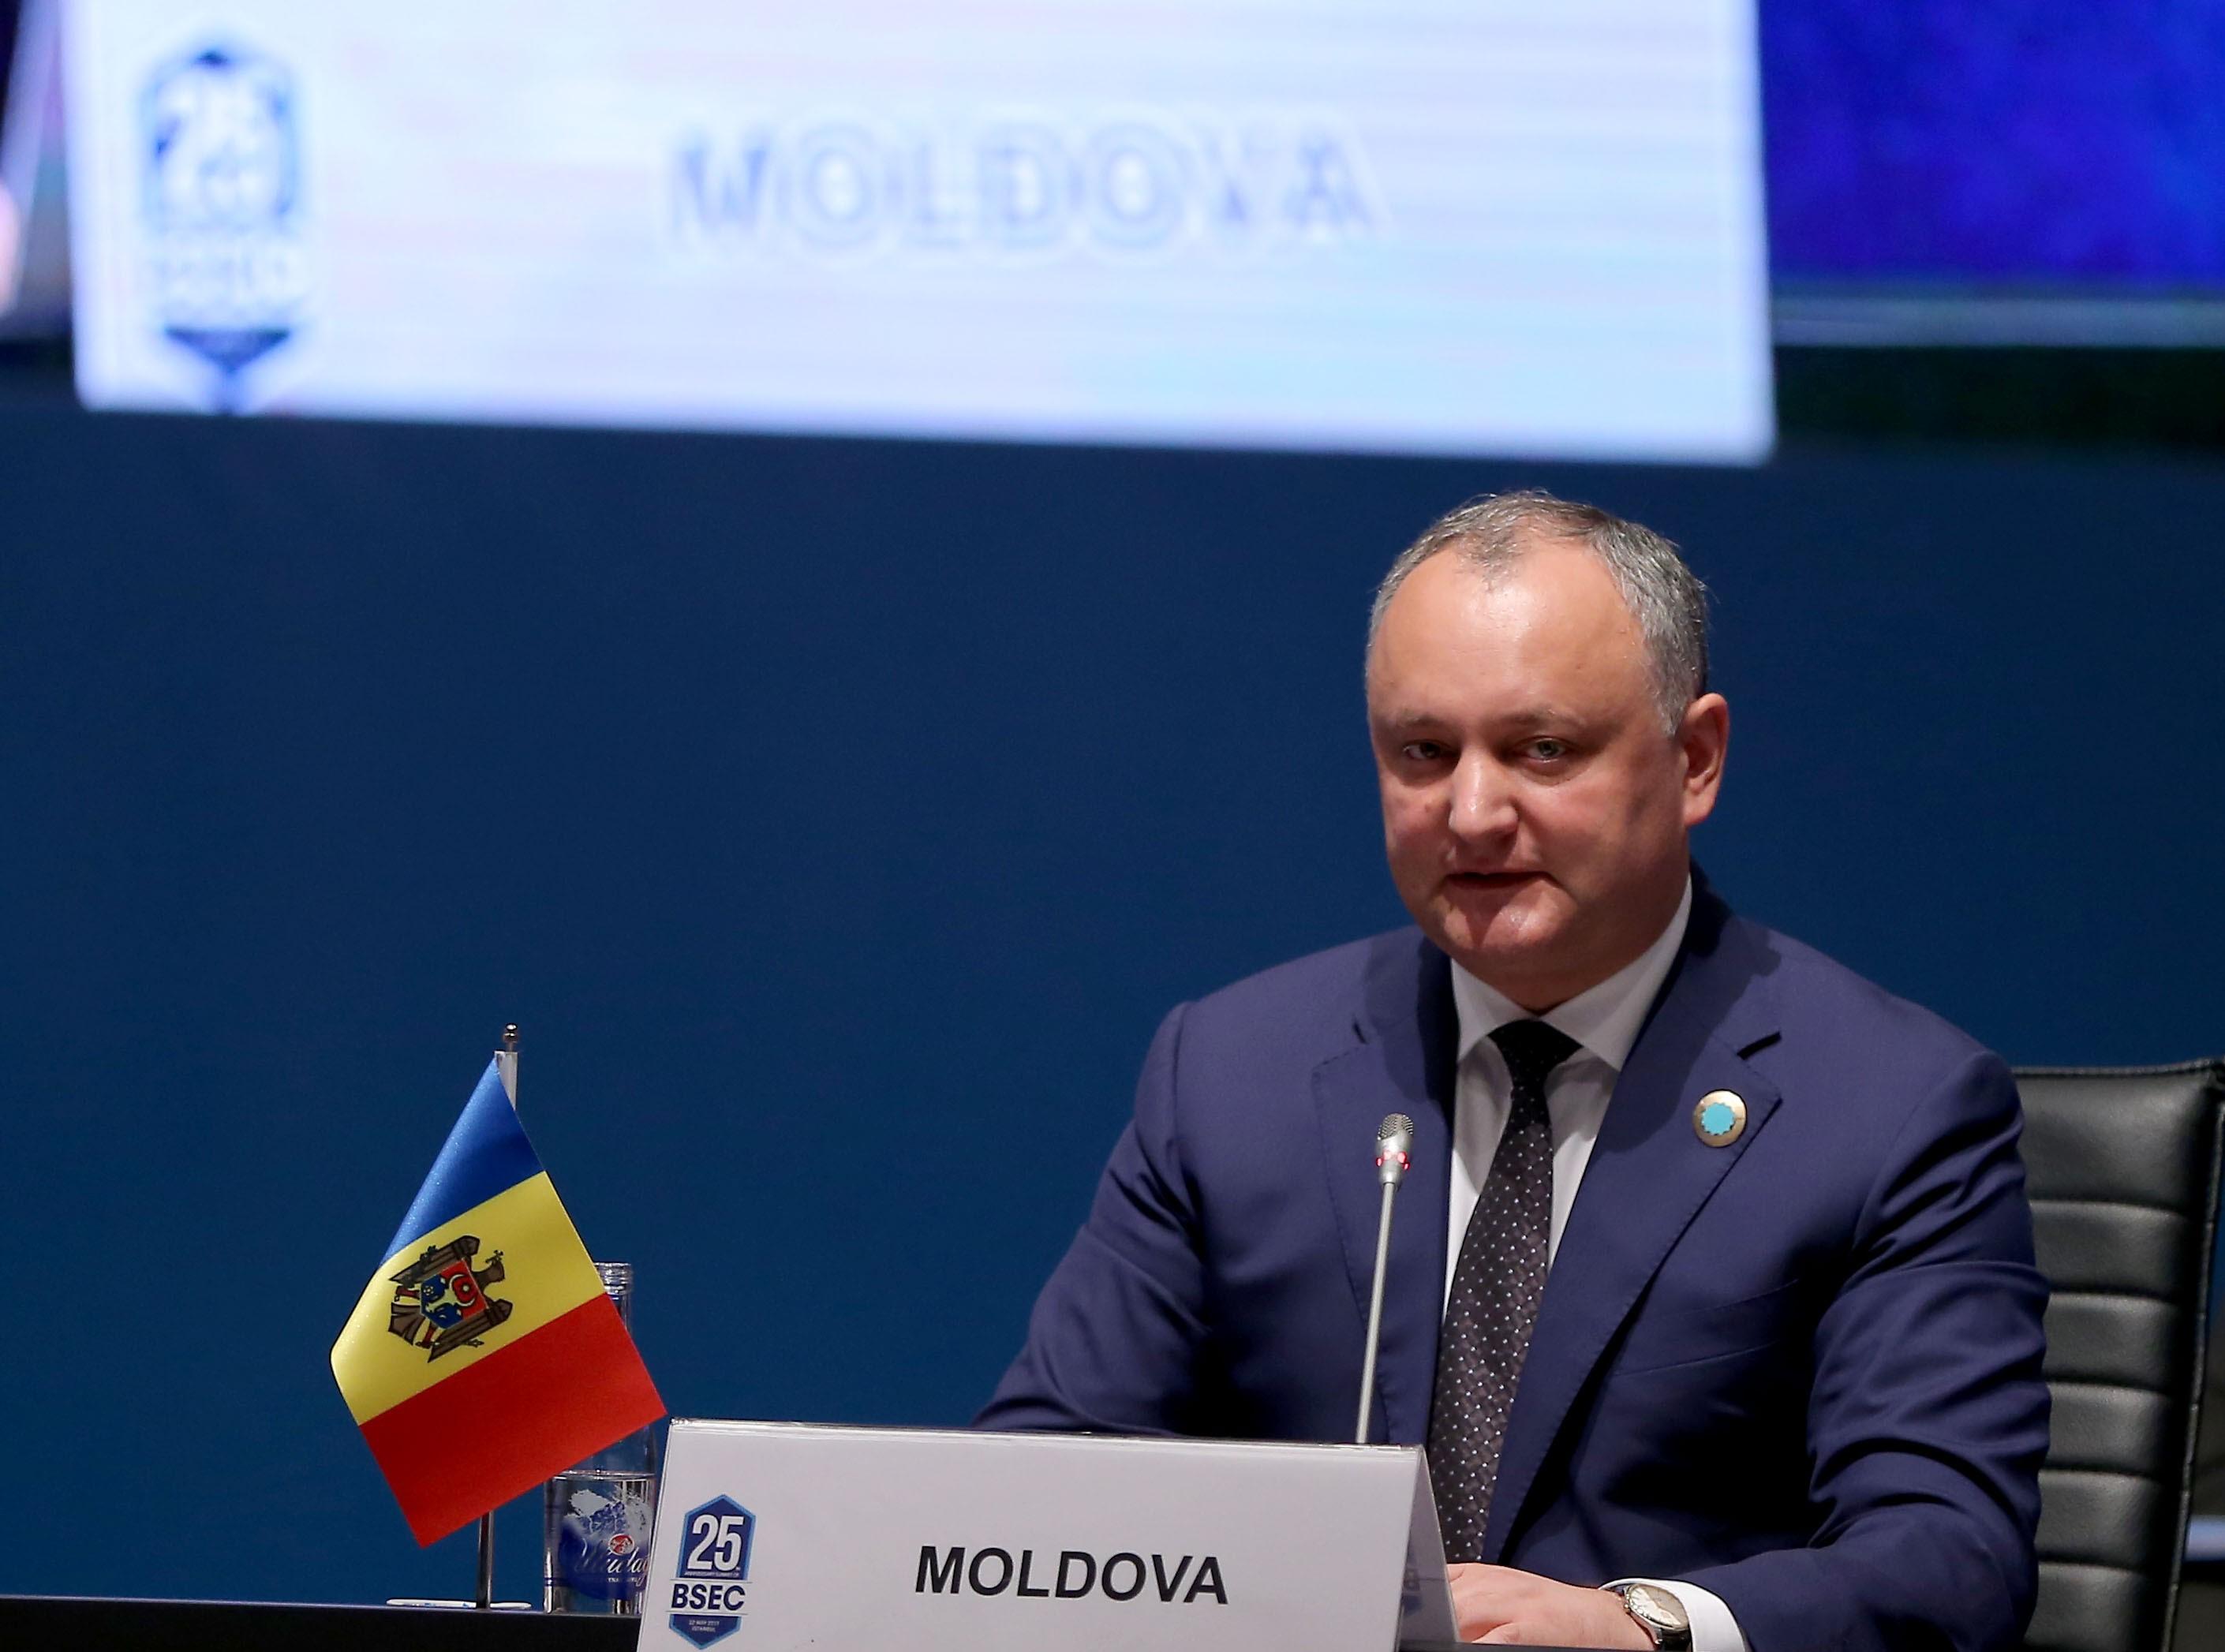 Guvernul Republicii Moldova a dispus retragerea ambasadorului din Rusia, invocând acţiuni de `intimidare` ale Moscovei  / Igor Dodon condamnă decizia